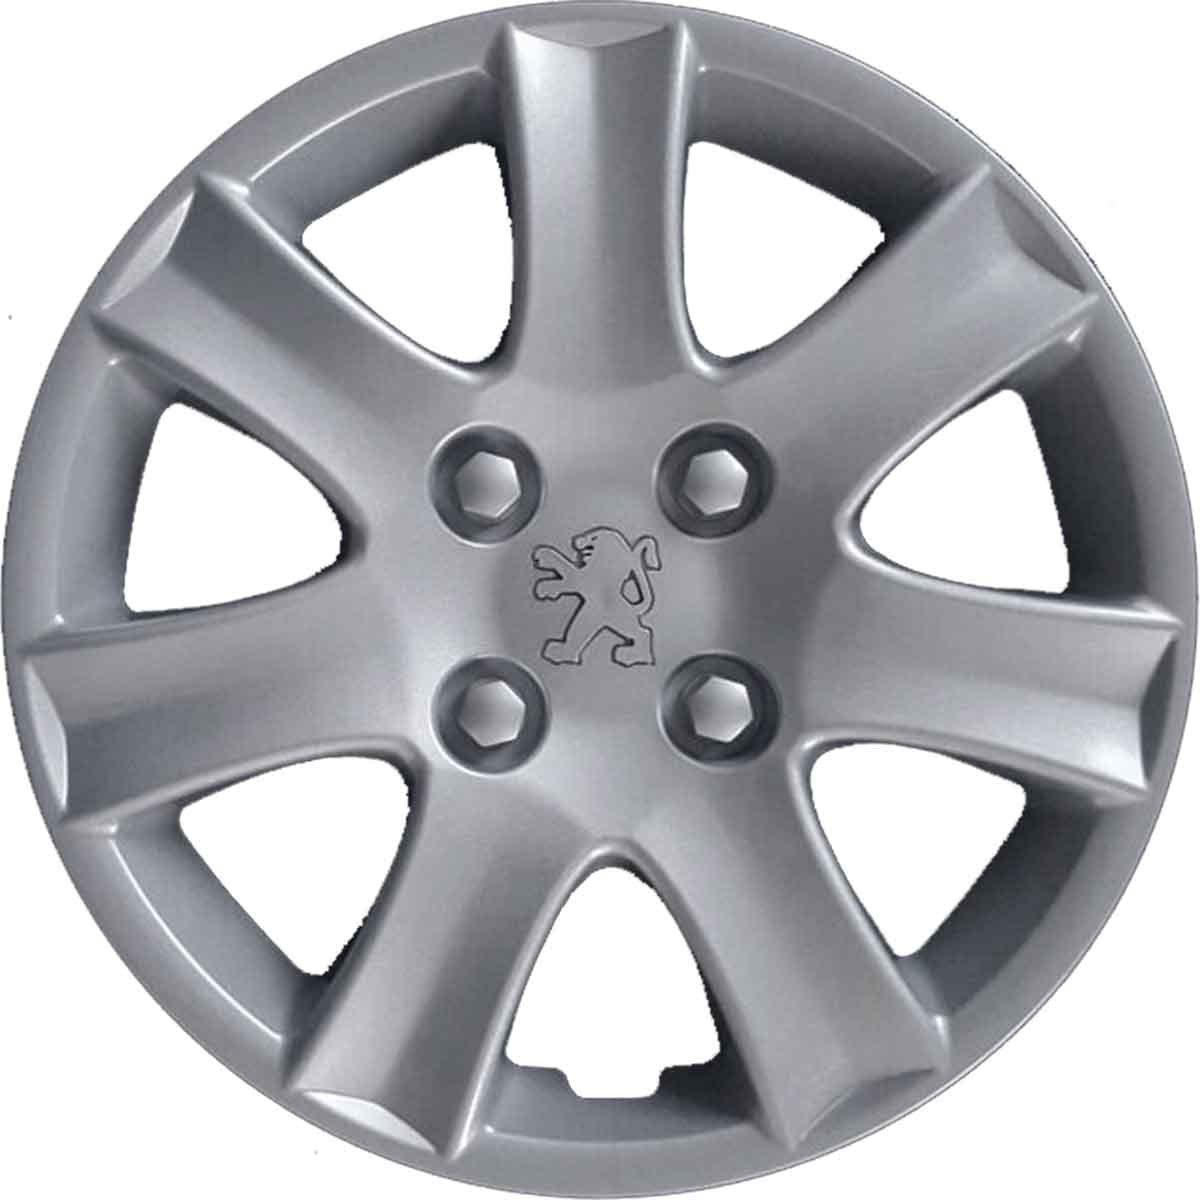 Tapacubos trago Copa Rueda 14 Peugeot 206 Plus dal1998 de partir No originales: Amazon.es: Coche y moto